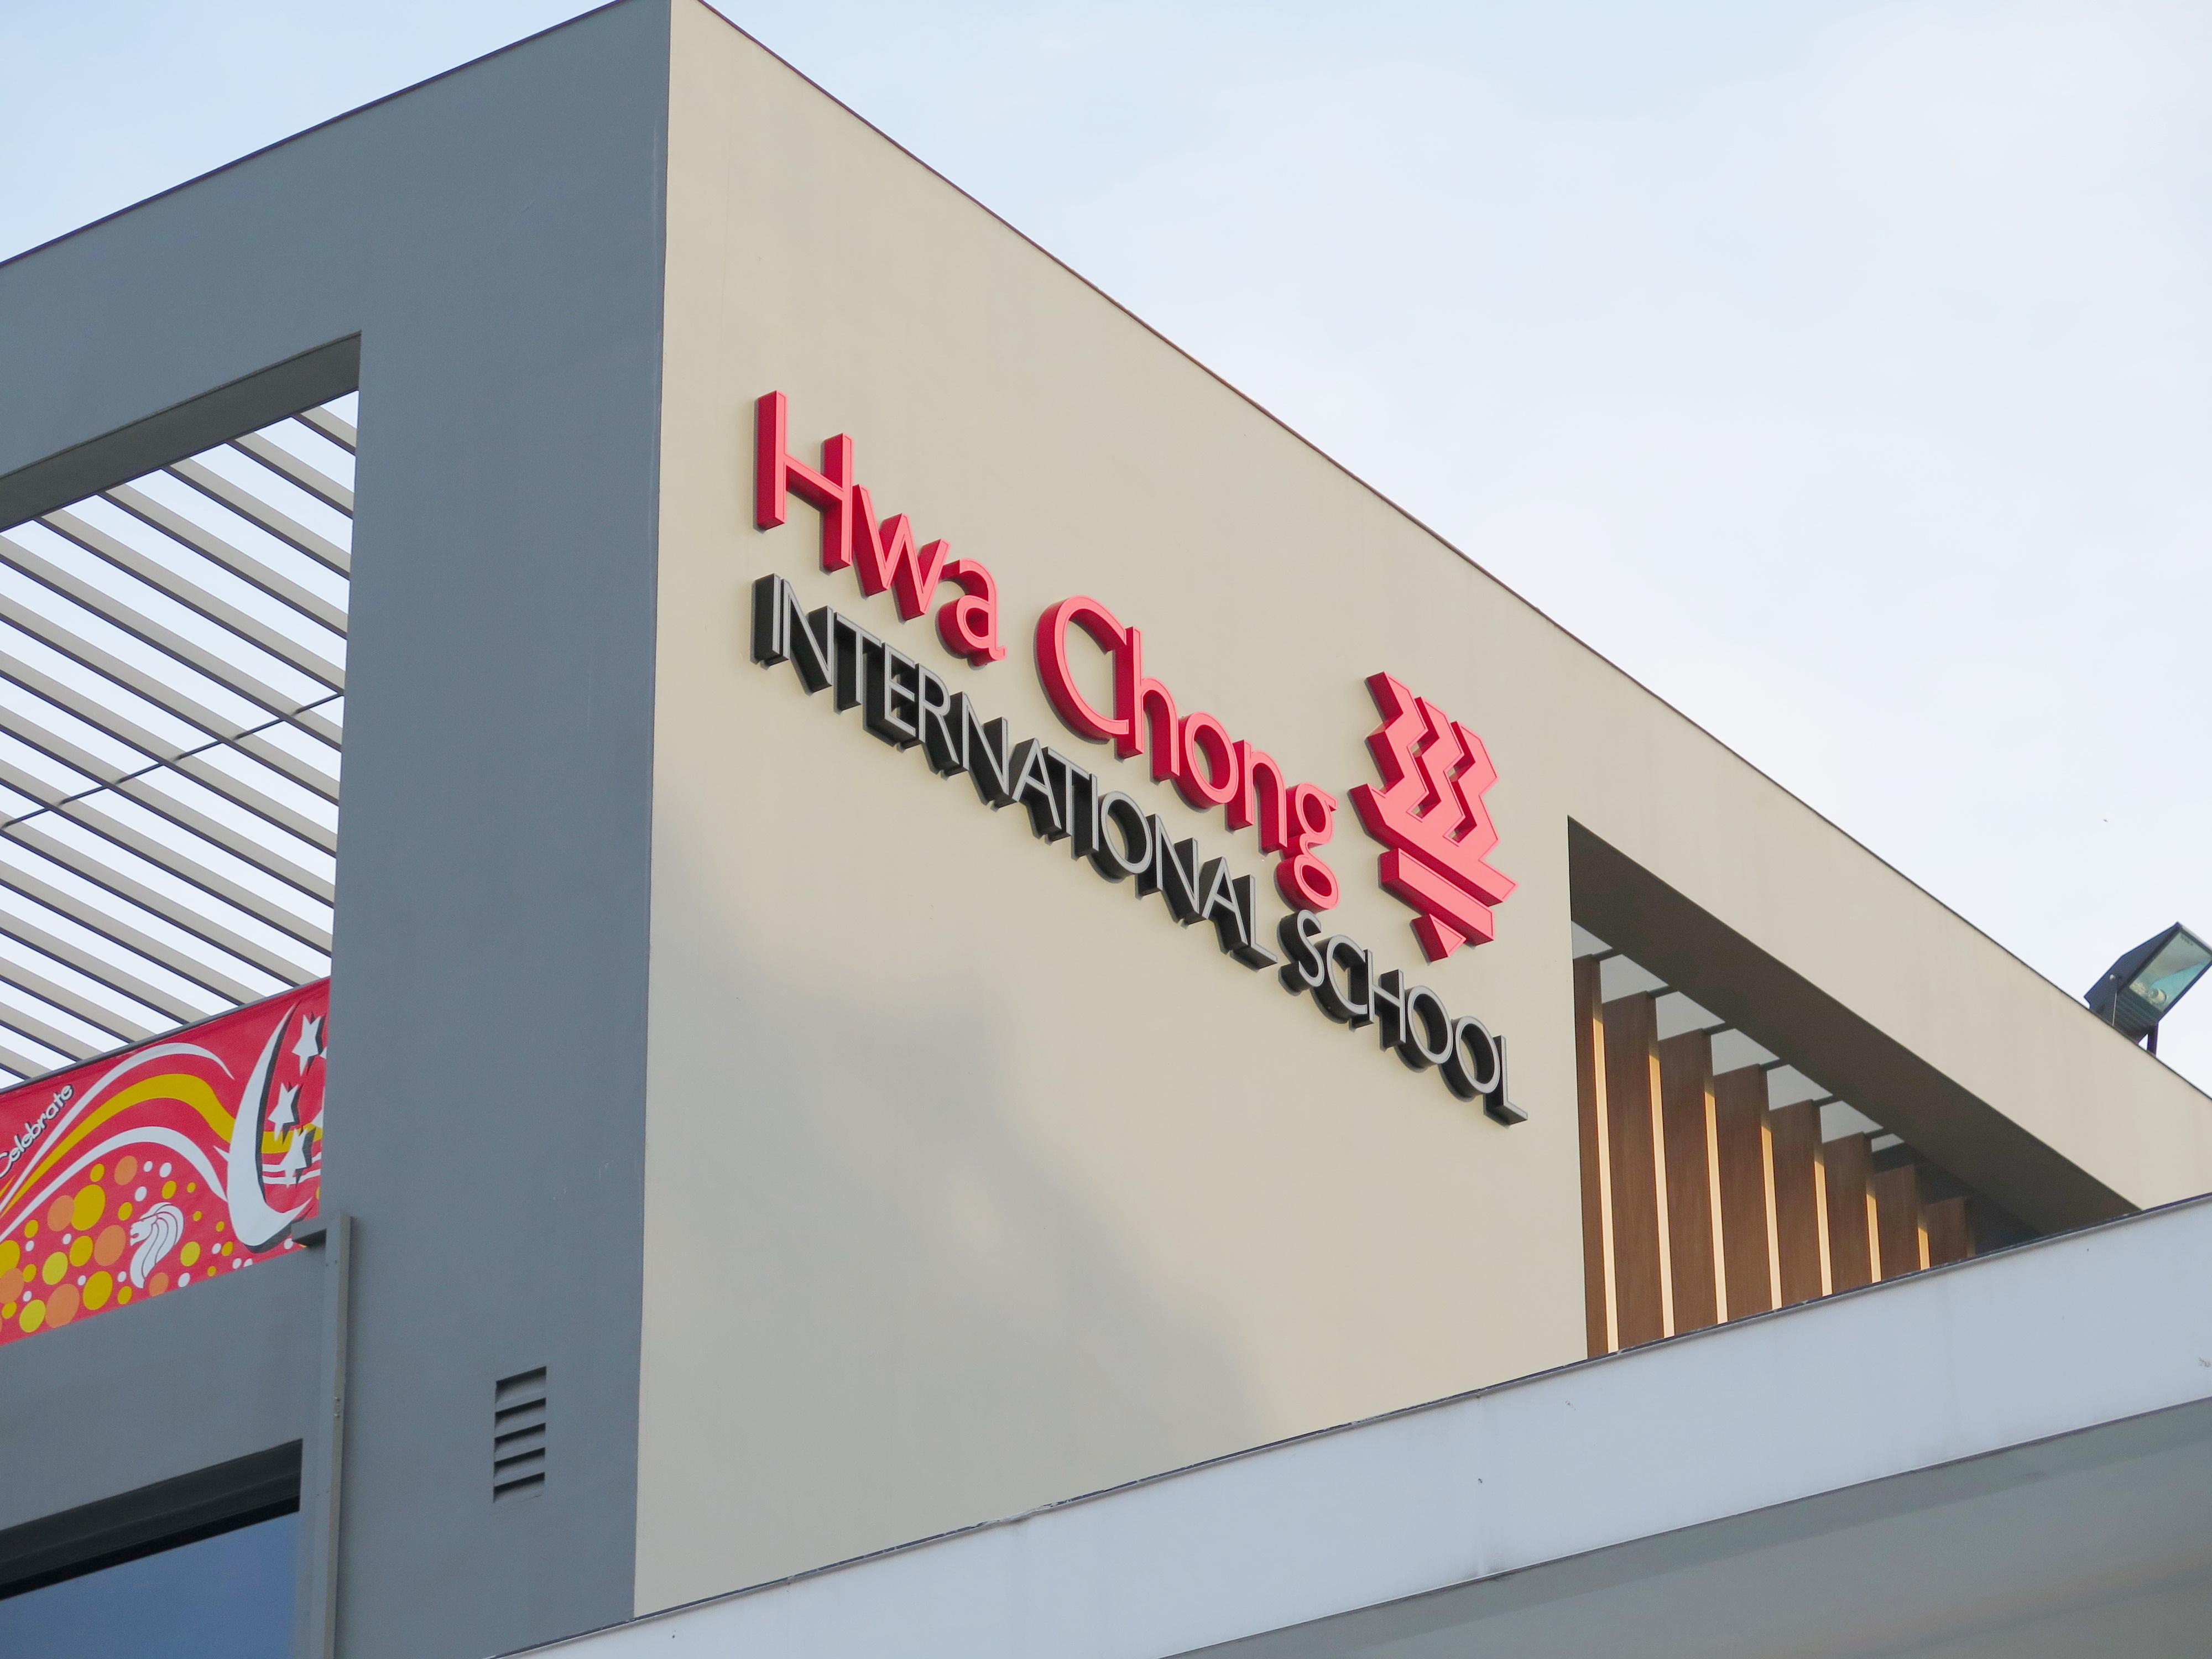 โรงเรียนนานาชาติหัวจง Hwa Chong International School (HCIs)